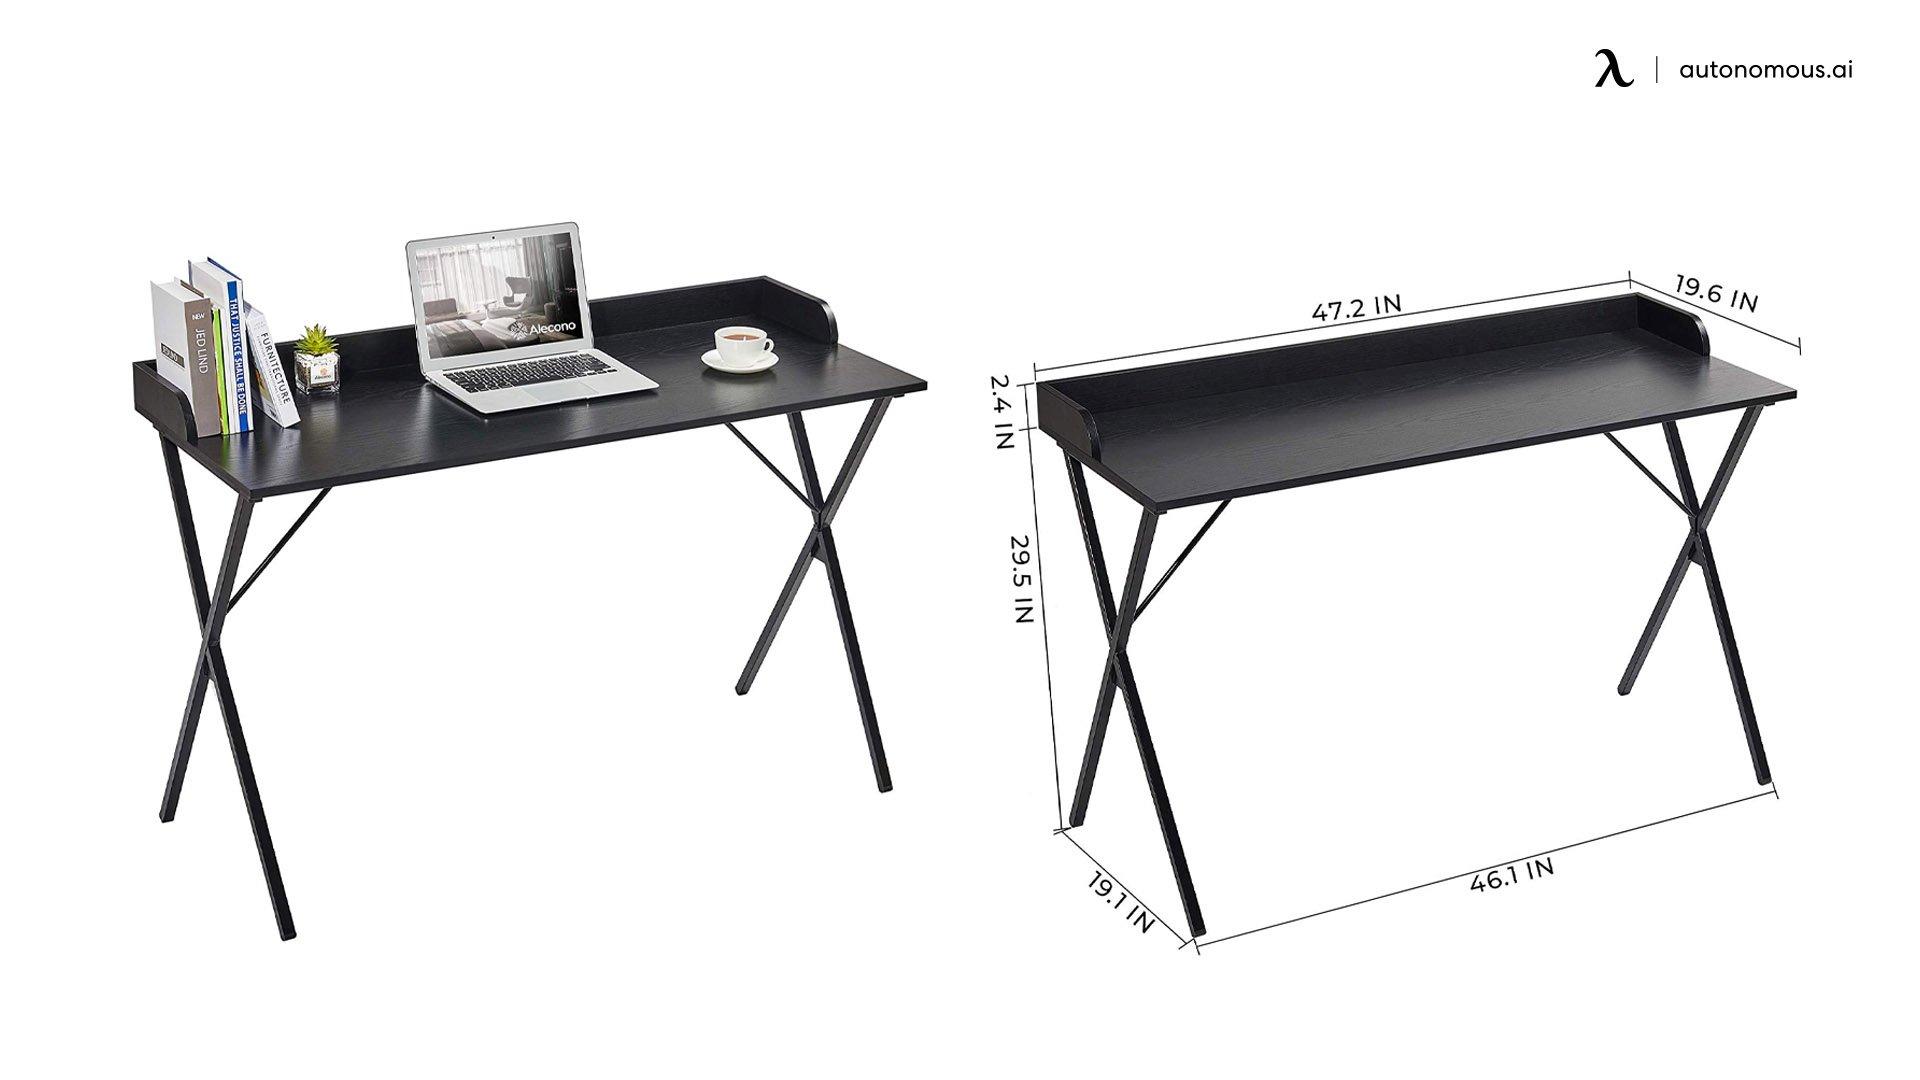 Alecono Black Modern Computer Desk with Raised Edge